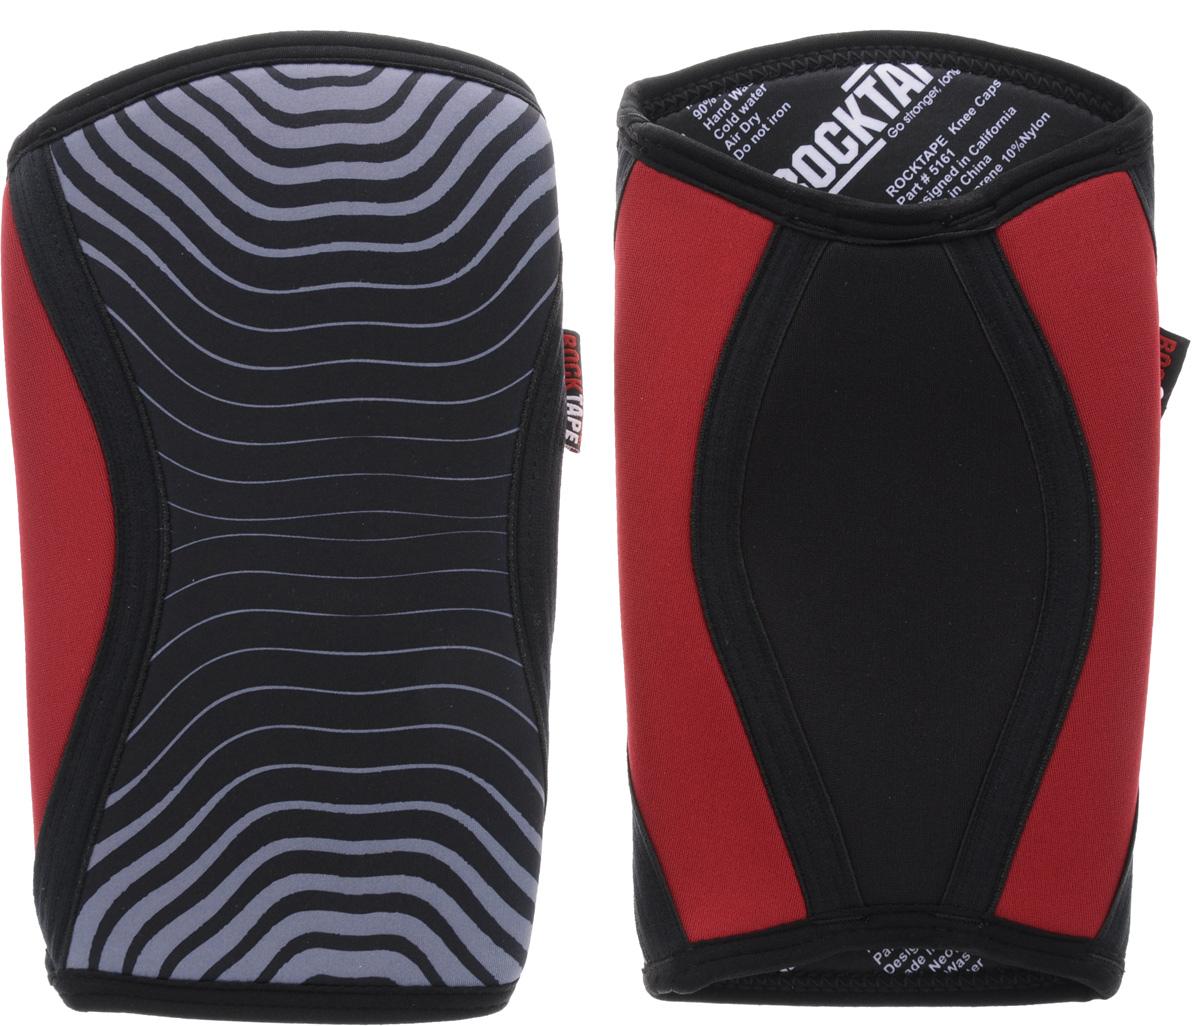 Наколенники Rocktape KneeCaps, цвет: красный, серый, черный, толщина 5 мм. Размер MRTKnCps-Rd-5-MRocktape KneeCaps - это компрессионные наколенники для тяжелой атлетики/CrossFit. Наколенники созданы специально, чтобы обеспечить компрессионный и согревающий эффект, а также придать стабильность коленному суставу для выполнения функциональных движений, таких как становая тяга, пистолет, приседания со штангой. В отличие от аналогов, наколенники Rocktape KneeCaps более высокие и разработаны специально для компрессии VMO (косой медиальной широкой мышцы бедра) в месте ее прикрепления над коленной чашечкой, чтобы обеспечить надлежащую стабилизацию колена и контроль. Помимо стабилизации, они создают компрессионный и согревающий эффект, что улучшает кровоток. Толщина: 5 мм. Обхват колена: 34-37 см.